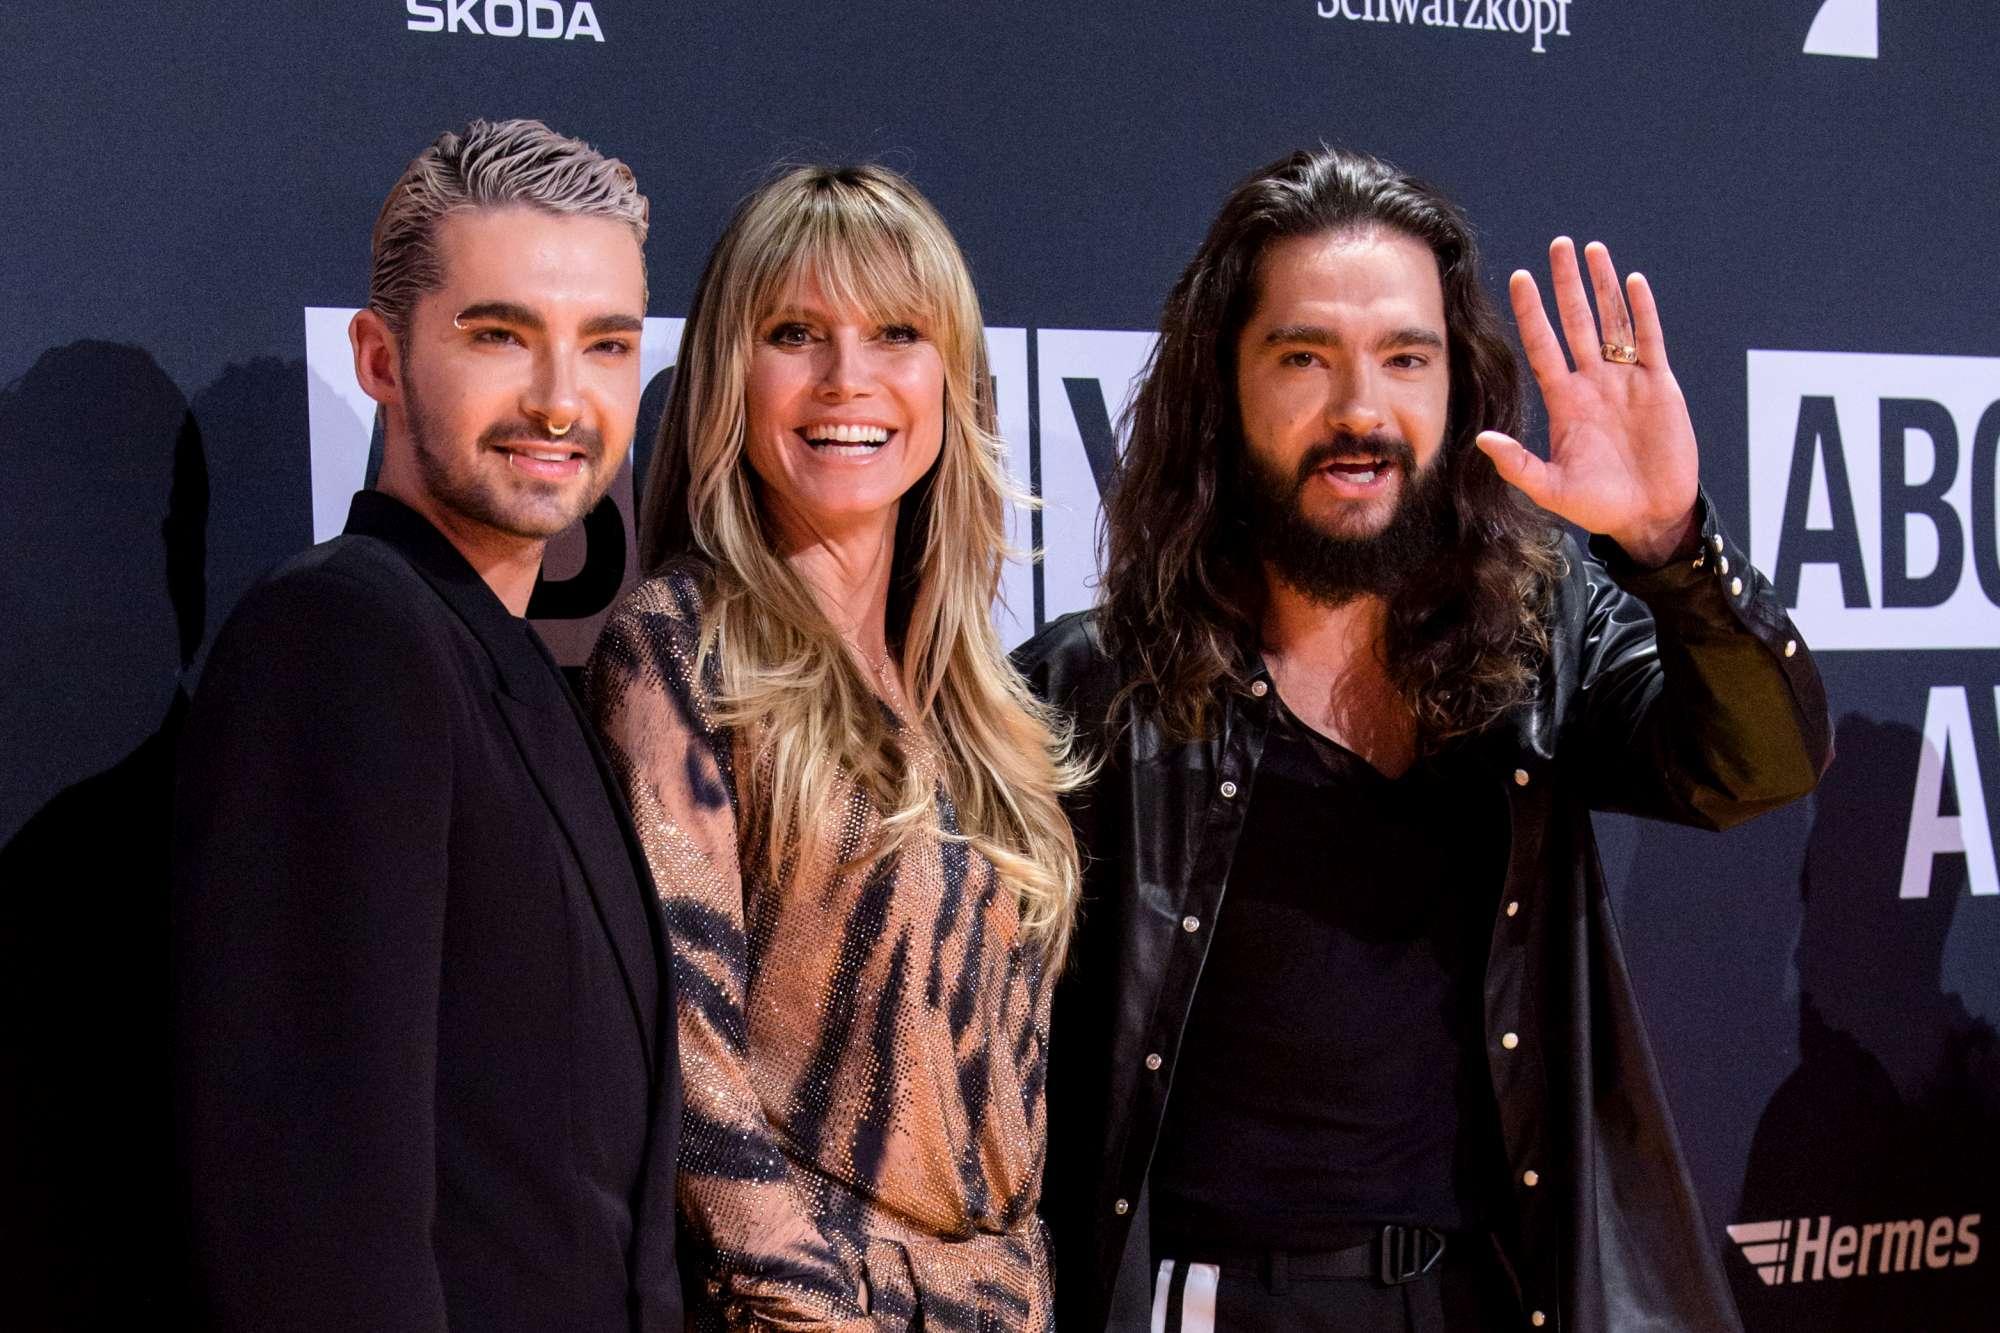 Heidi Klum, tigre scatenata con il fidanzato Tom Kaulitz